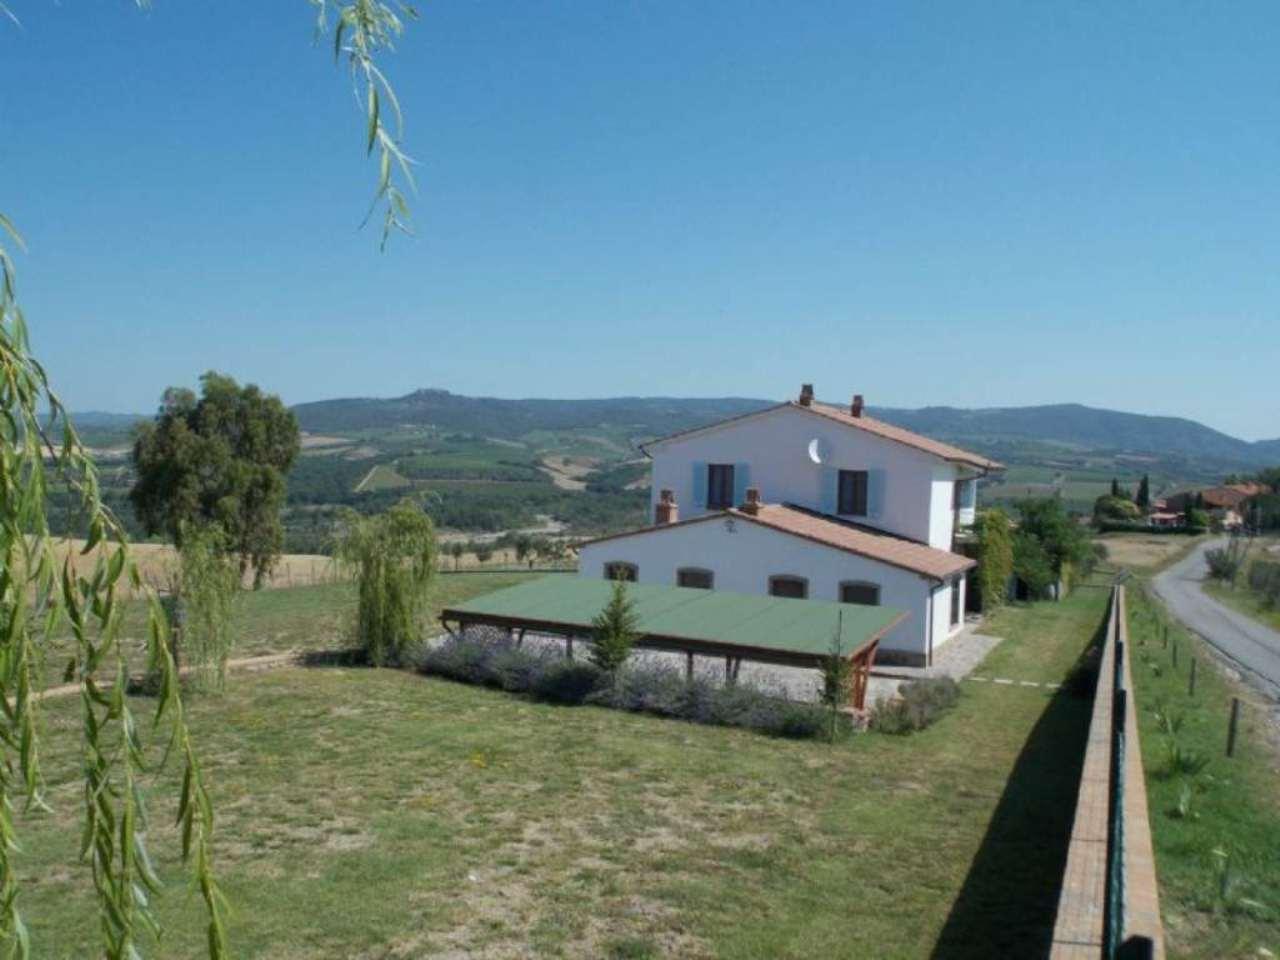 Soluzione Indipendente in vendita a Castel del Piano, 8 locali, prezzo € 285.000 | Cambio Casa.it